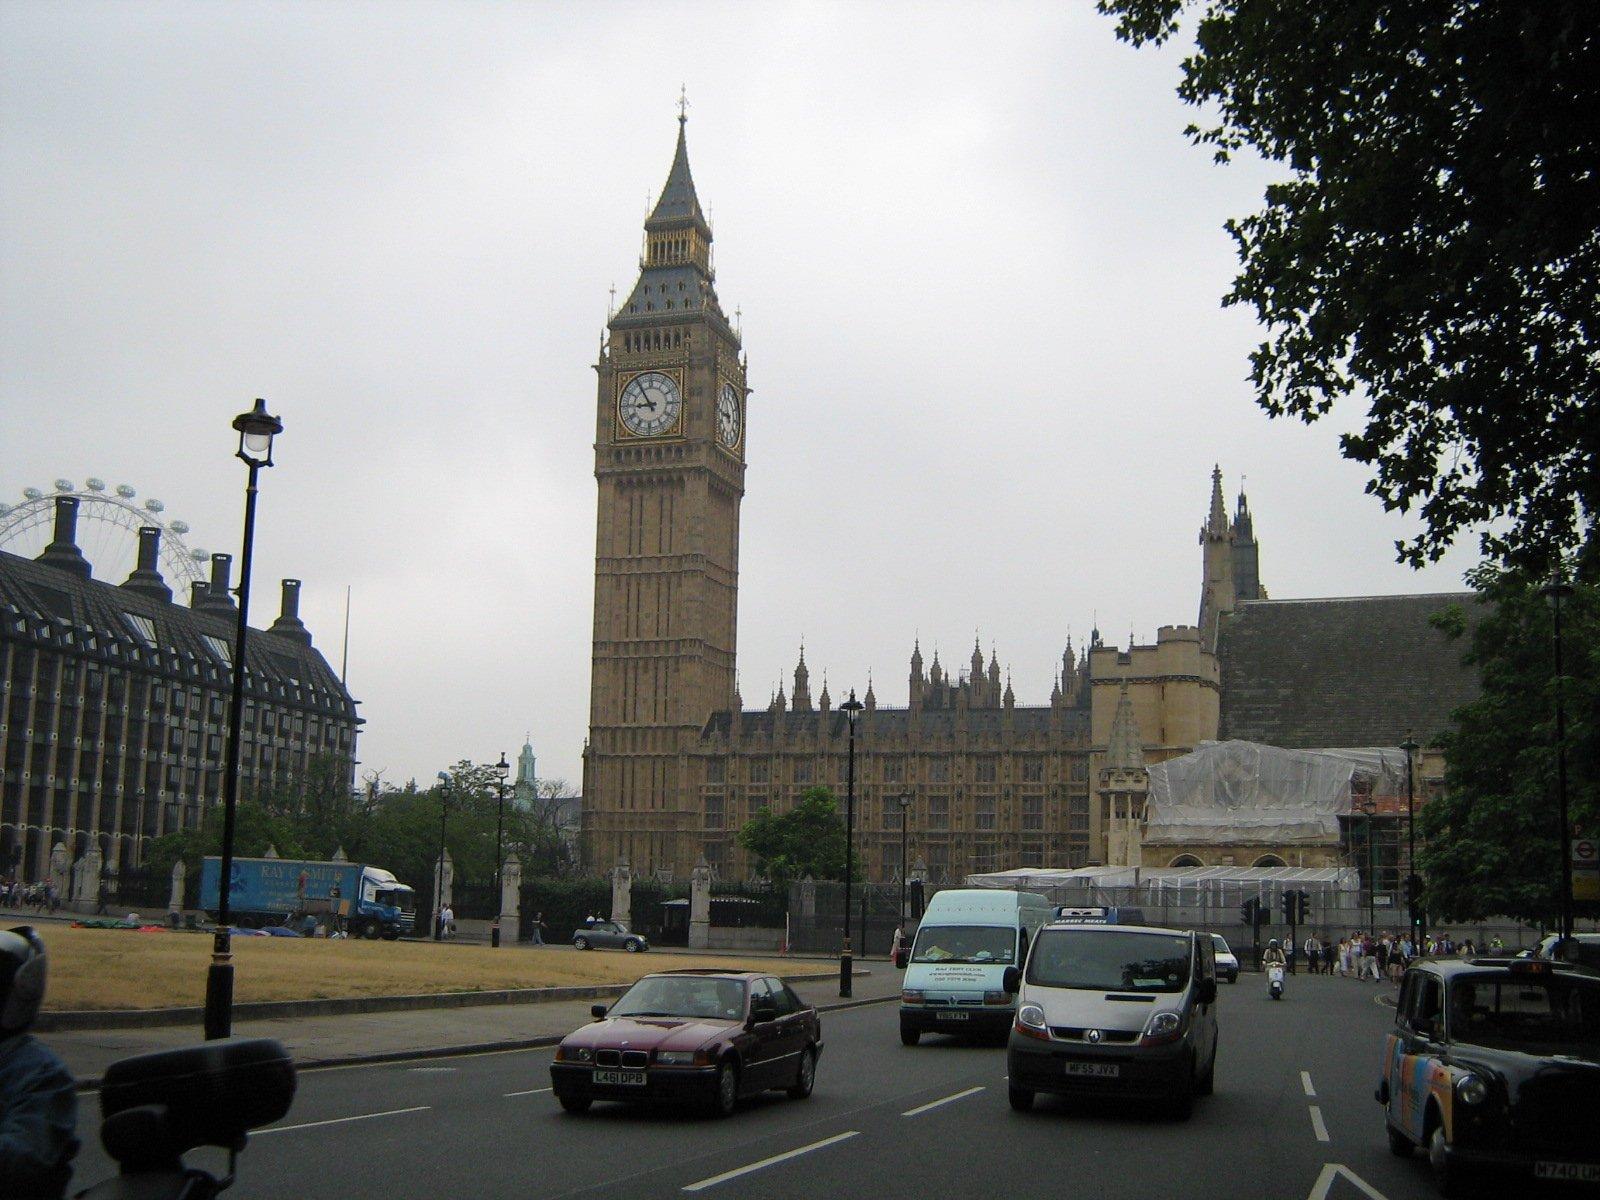 Биг-Бен, Лондон, Великобритания. Июль, 2006